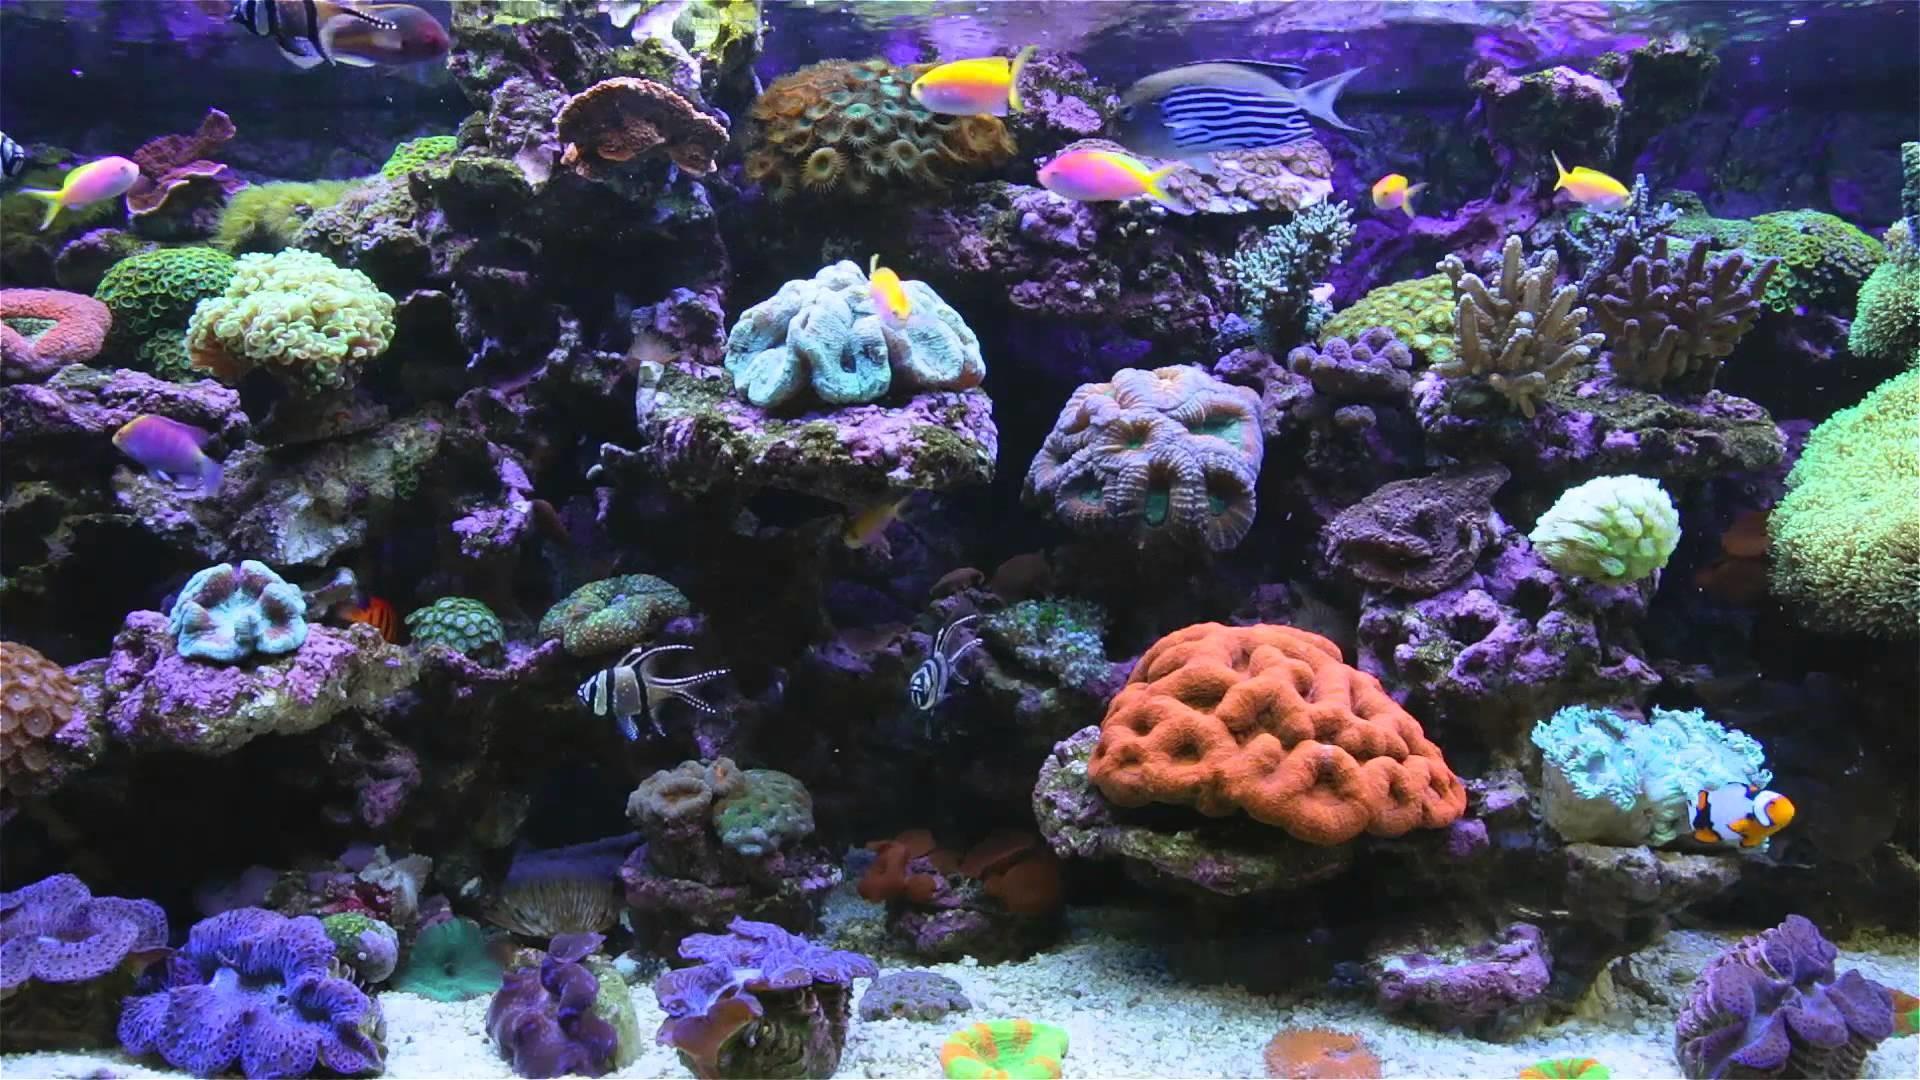 Desktop wallpaper aquarium free download